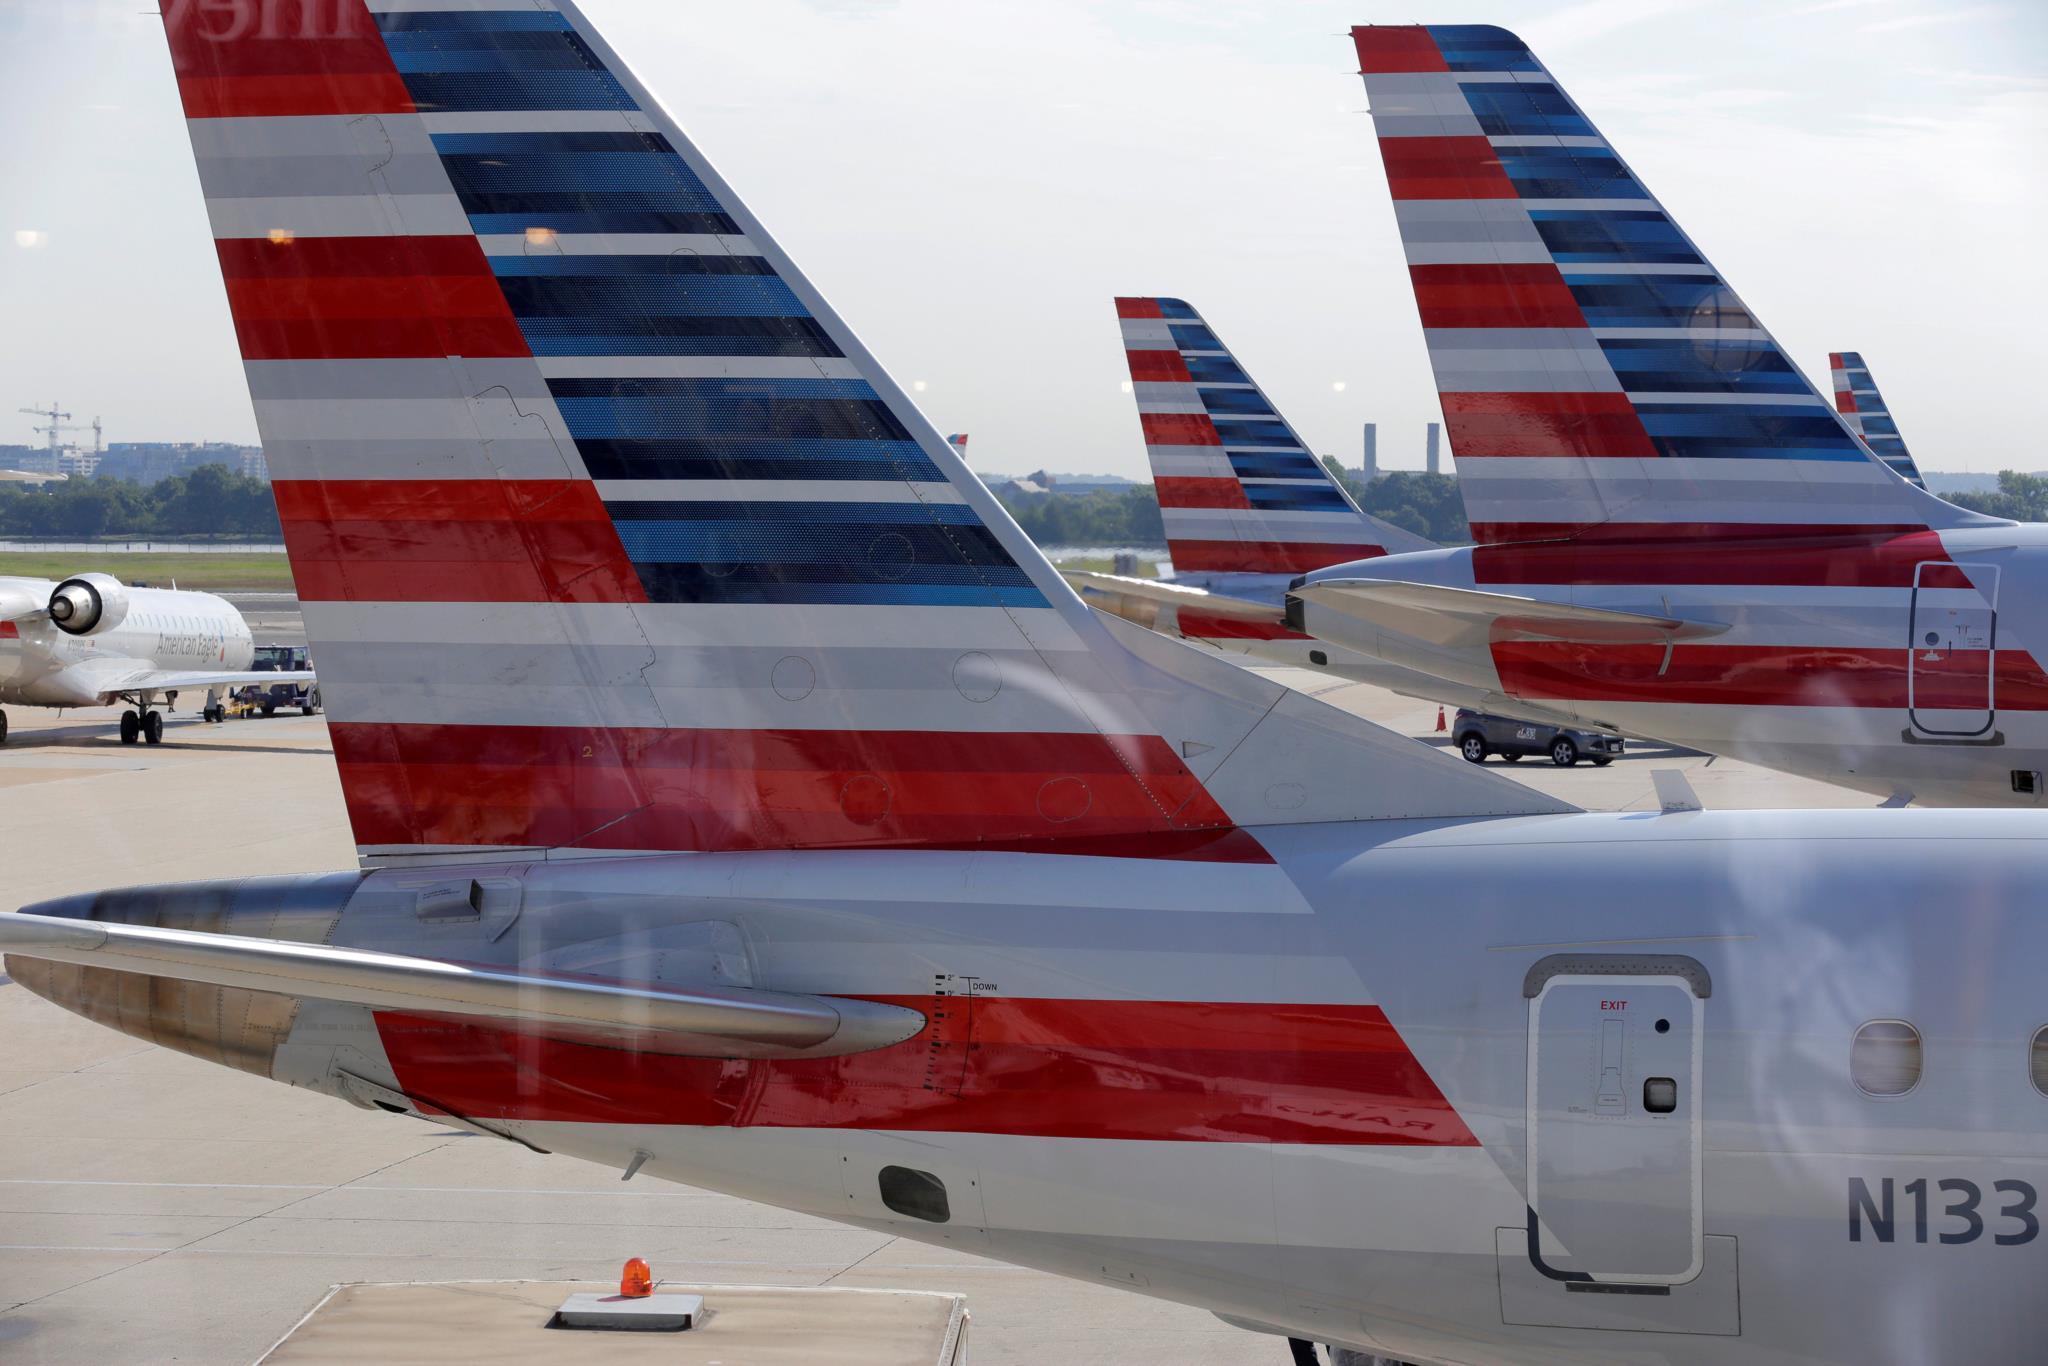 O episódio aconteceu a bordo de um avião da American Airlines, que seguia de Los Angeles com destino ao Havai